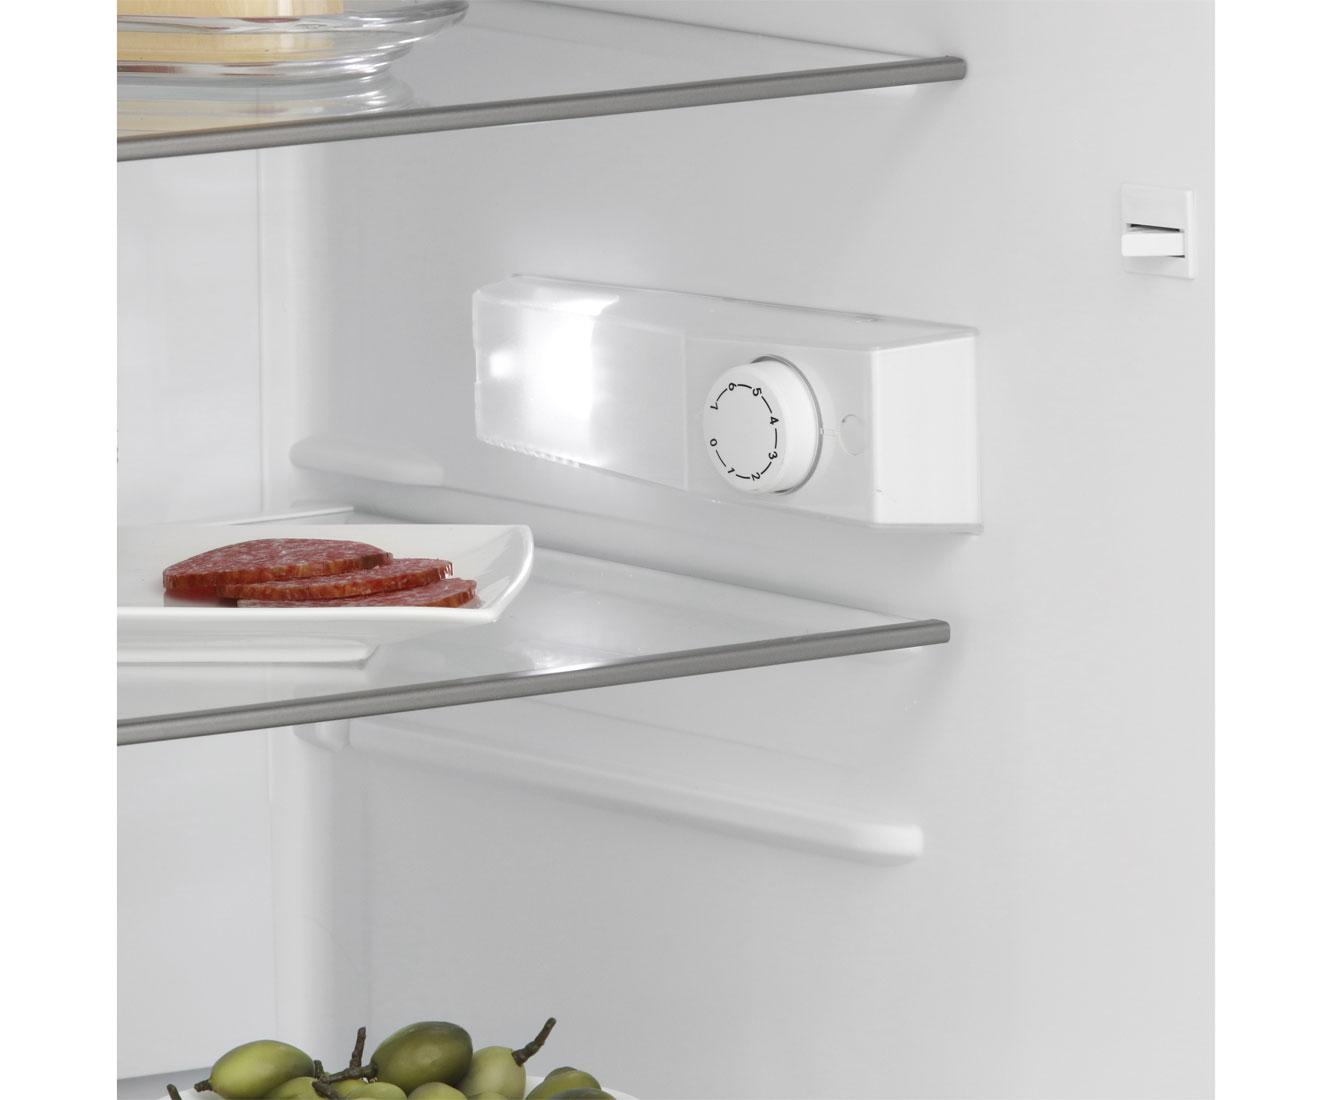 Bomann Kühlschrank Vs 2195 : Bomann vs kühlschrank edelstahl optik a